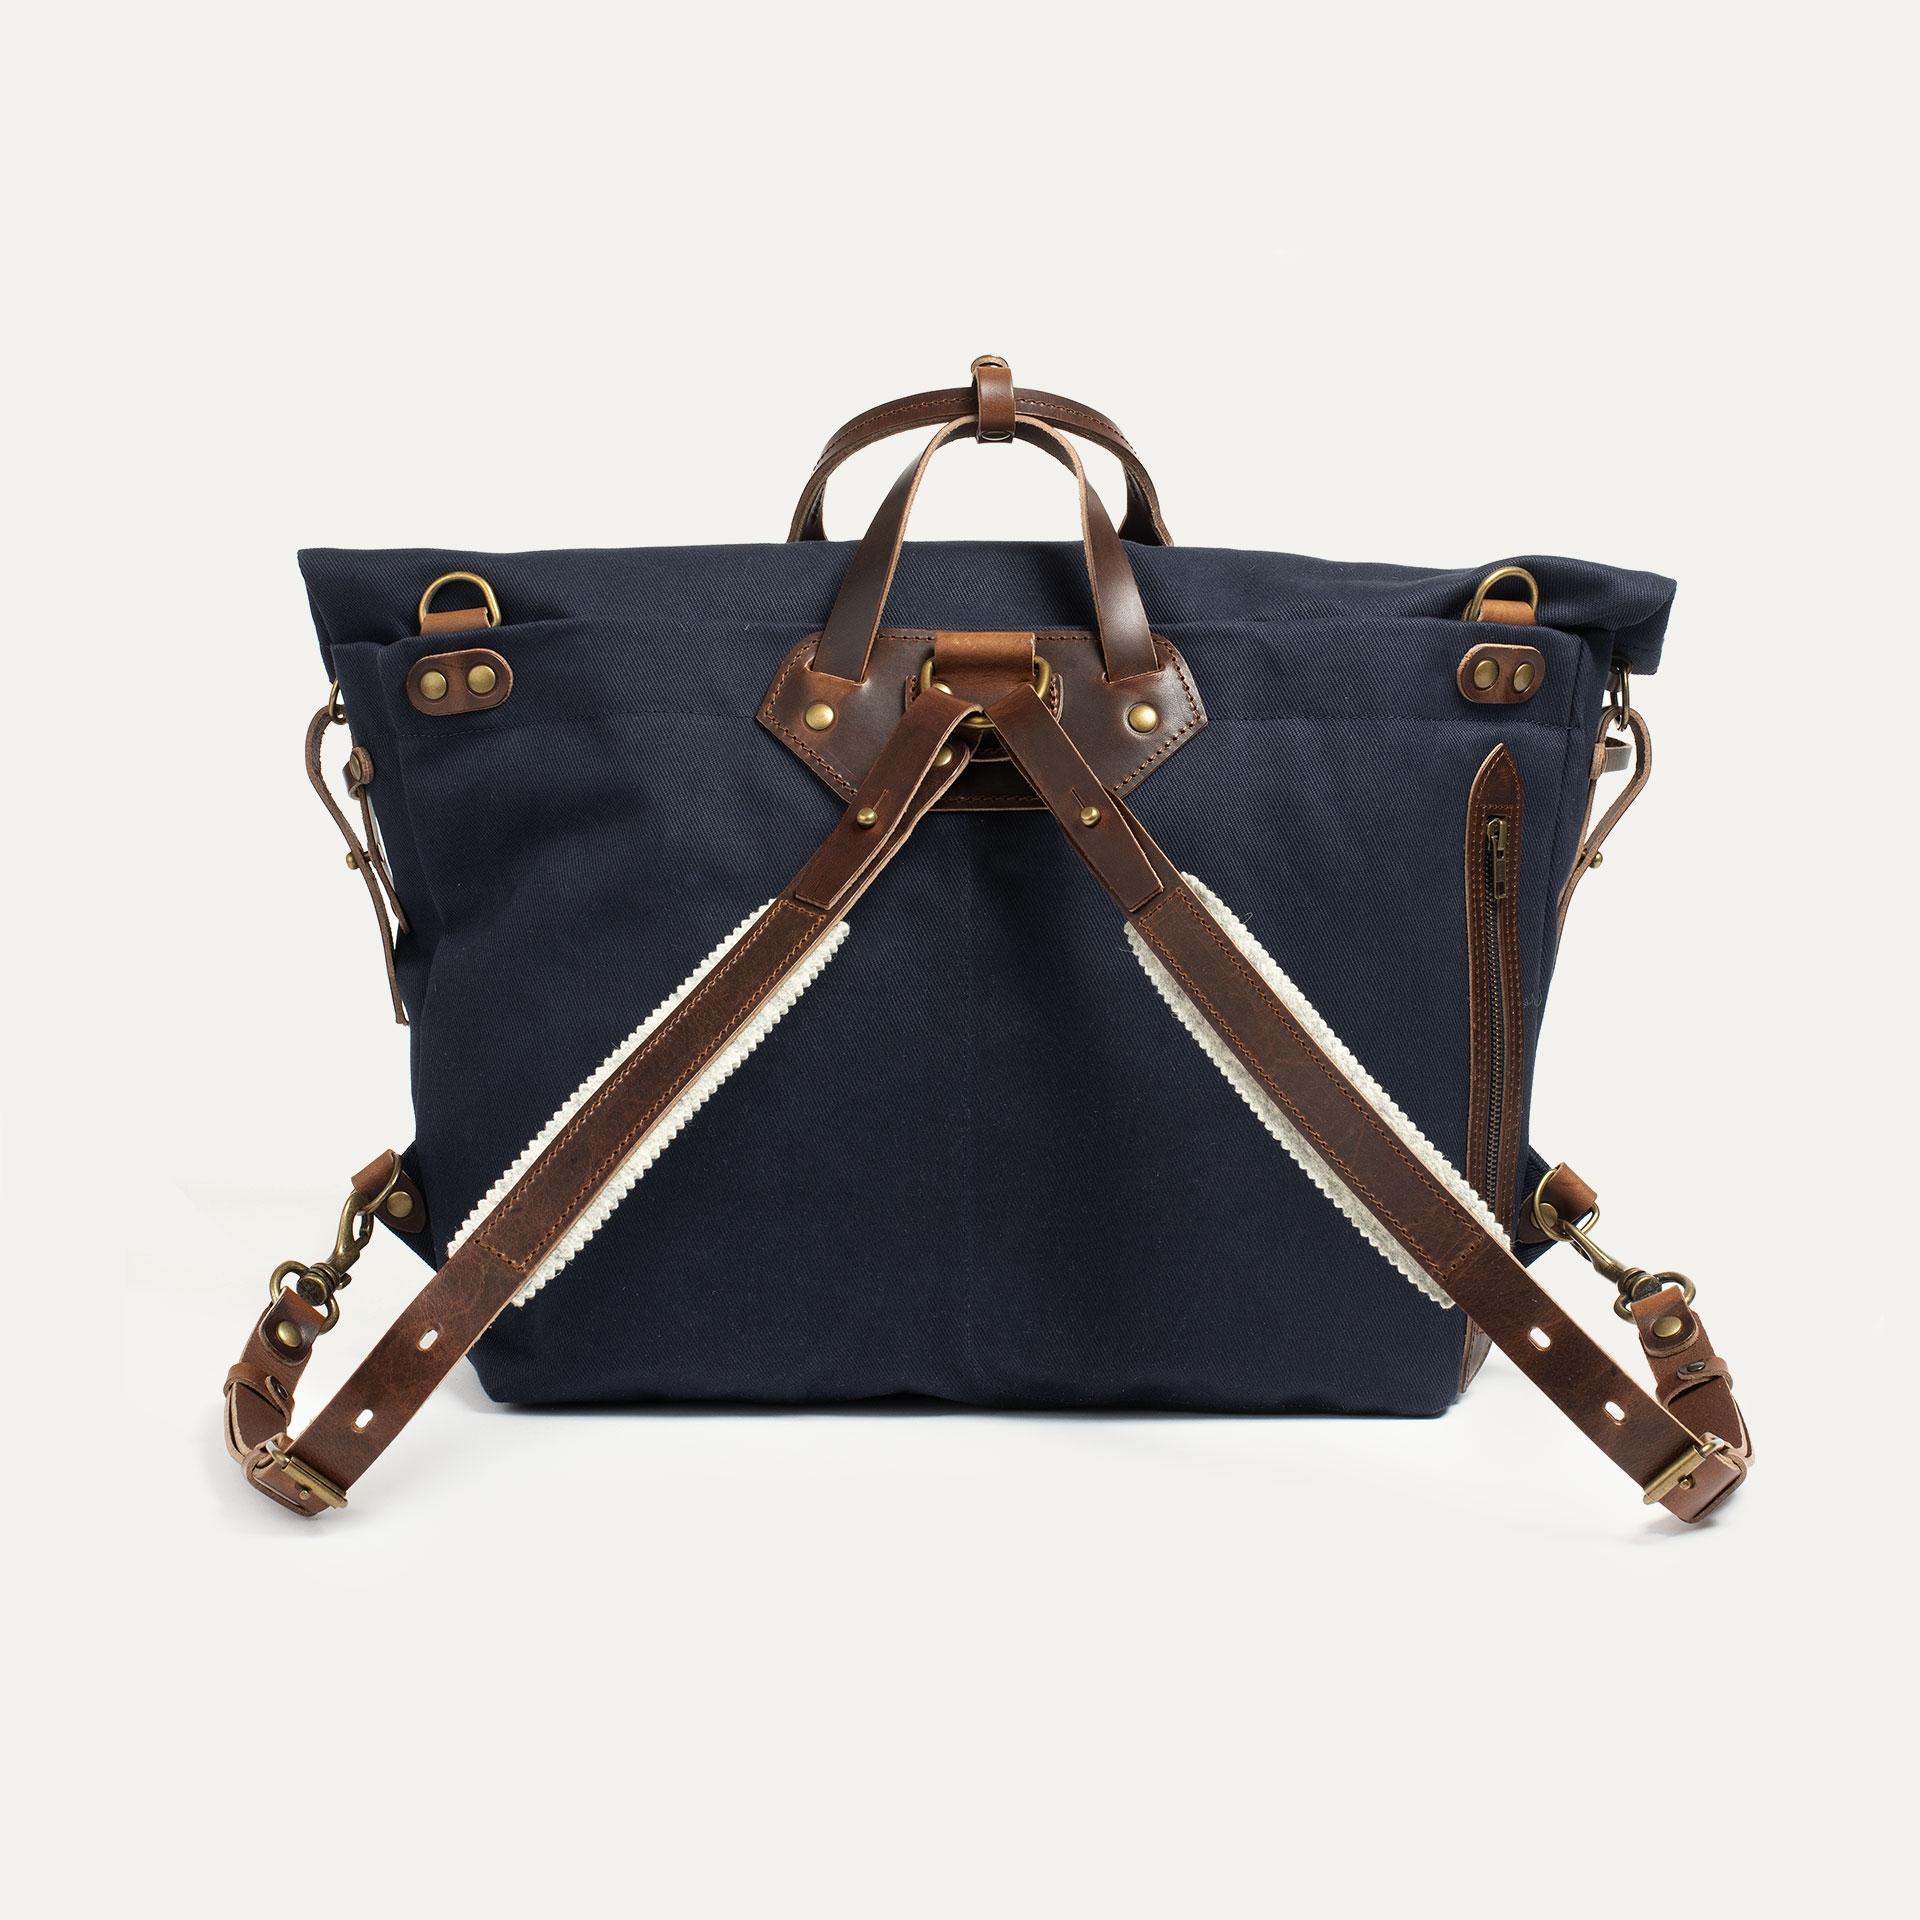 Woody L Backpack - Peacoat Blue (image n°3)